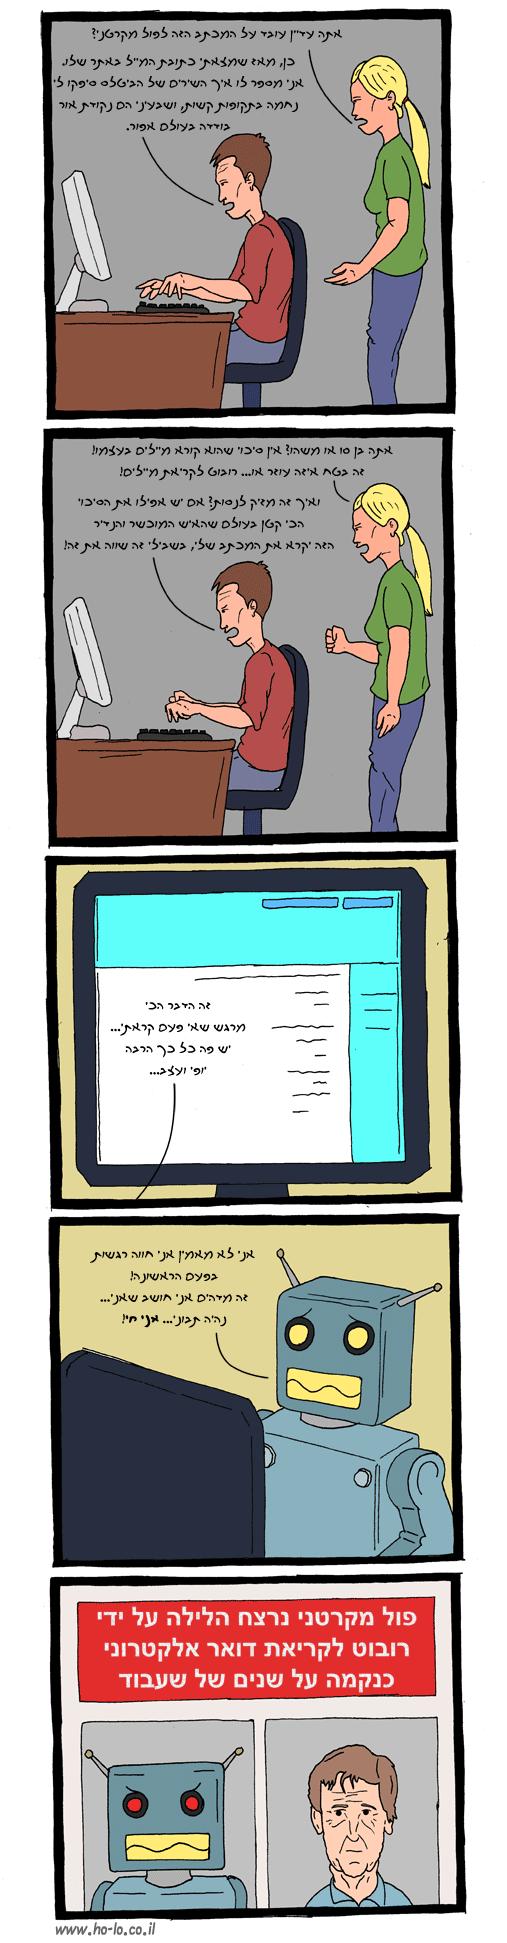 המכתב לפול